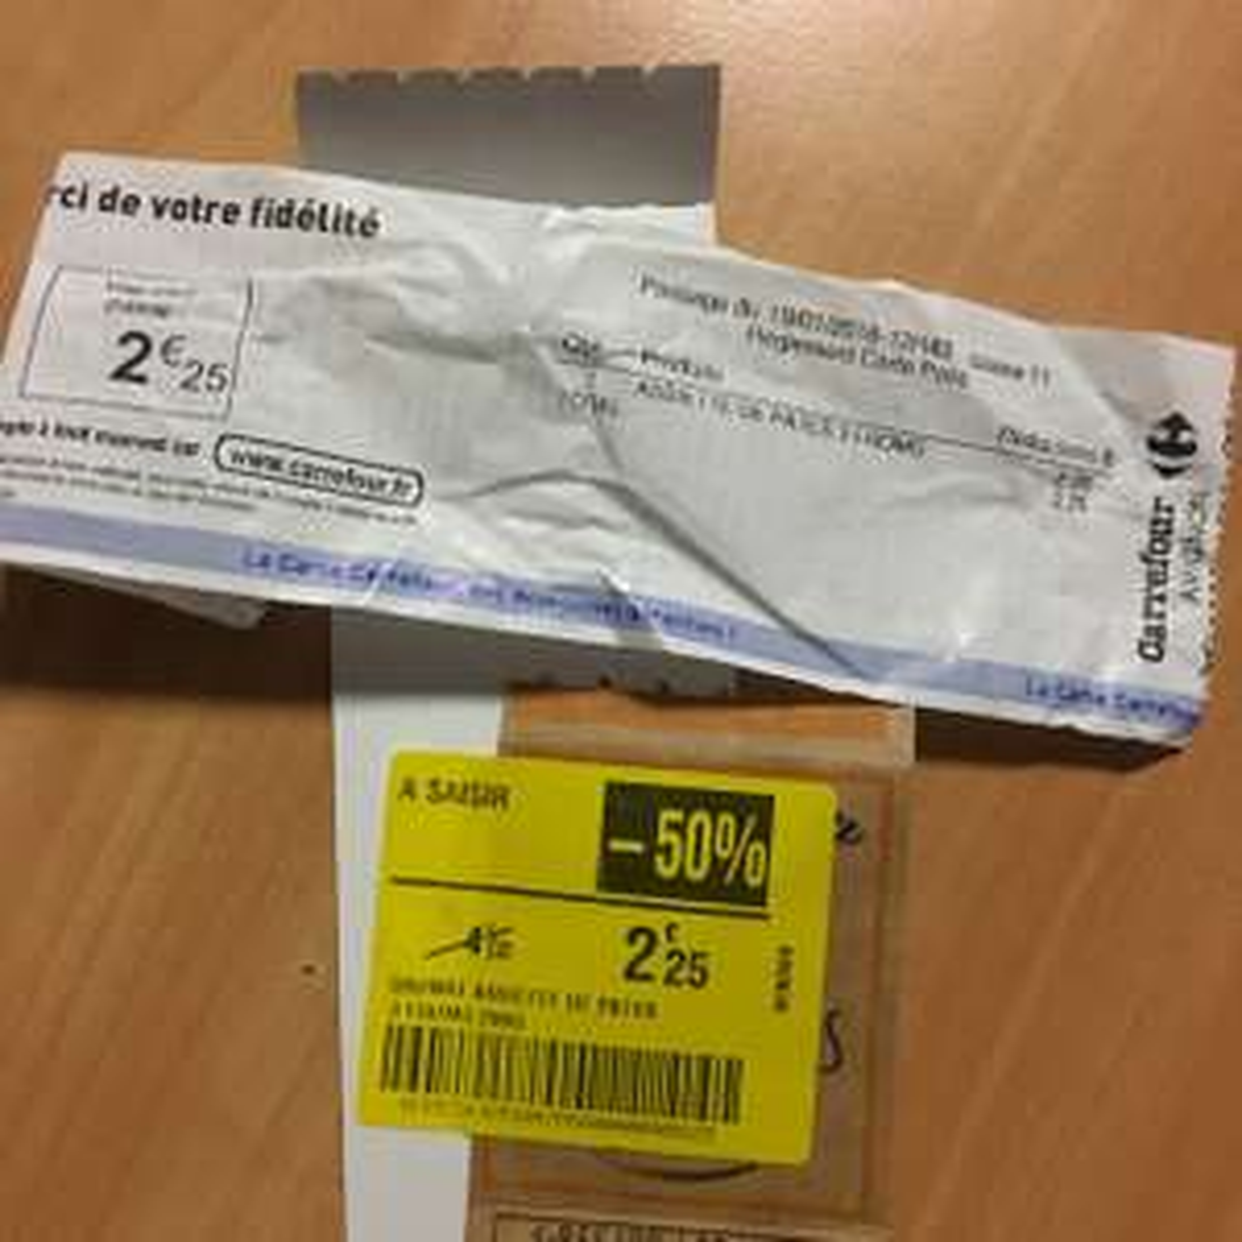 Assiette de pâtes Daunat Penne aux 3 Fromage & Bacon gratuite - 100% remboursée (via 2.25€ sur la carte de fidélité) - Carrefour Avignon (84)